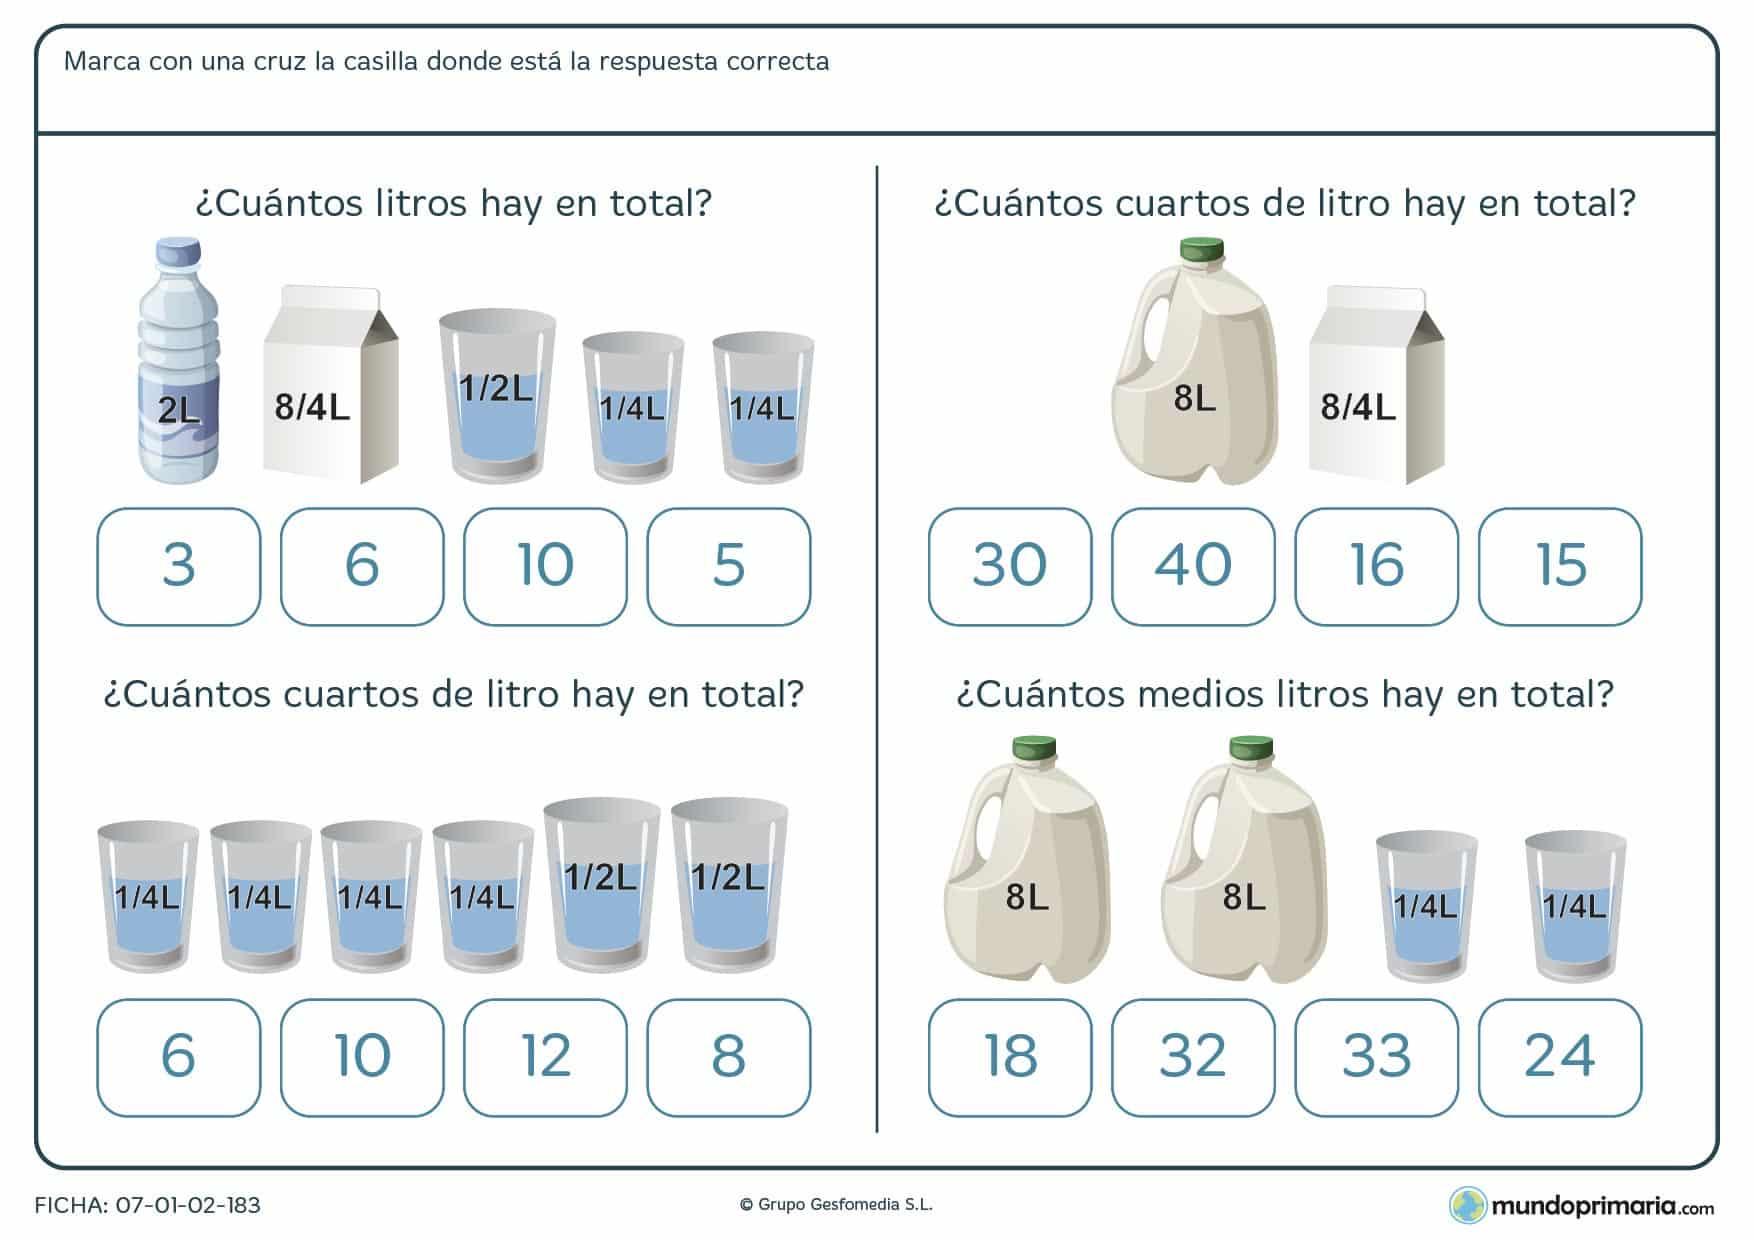 Ficha de capacidad de envases que has de sumar para poder marcar la respuesta correcta.